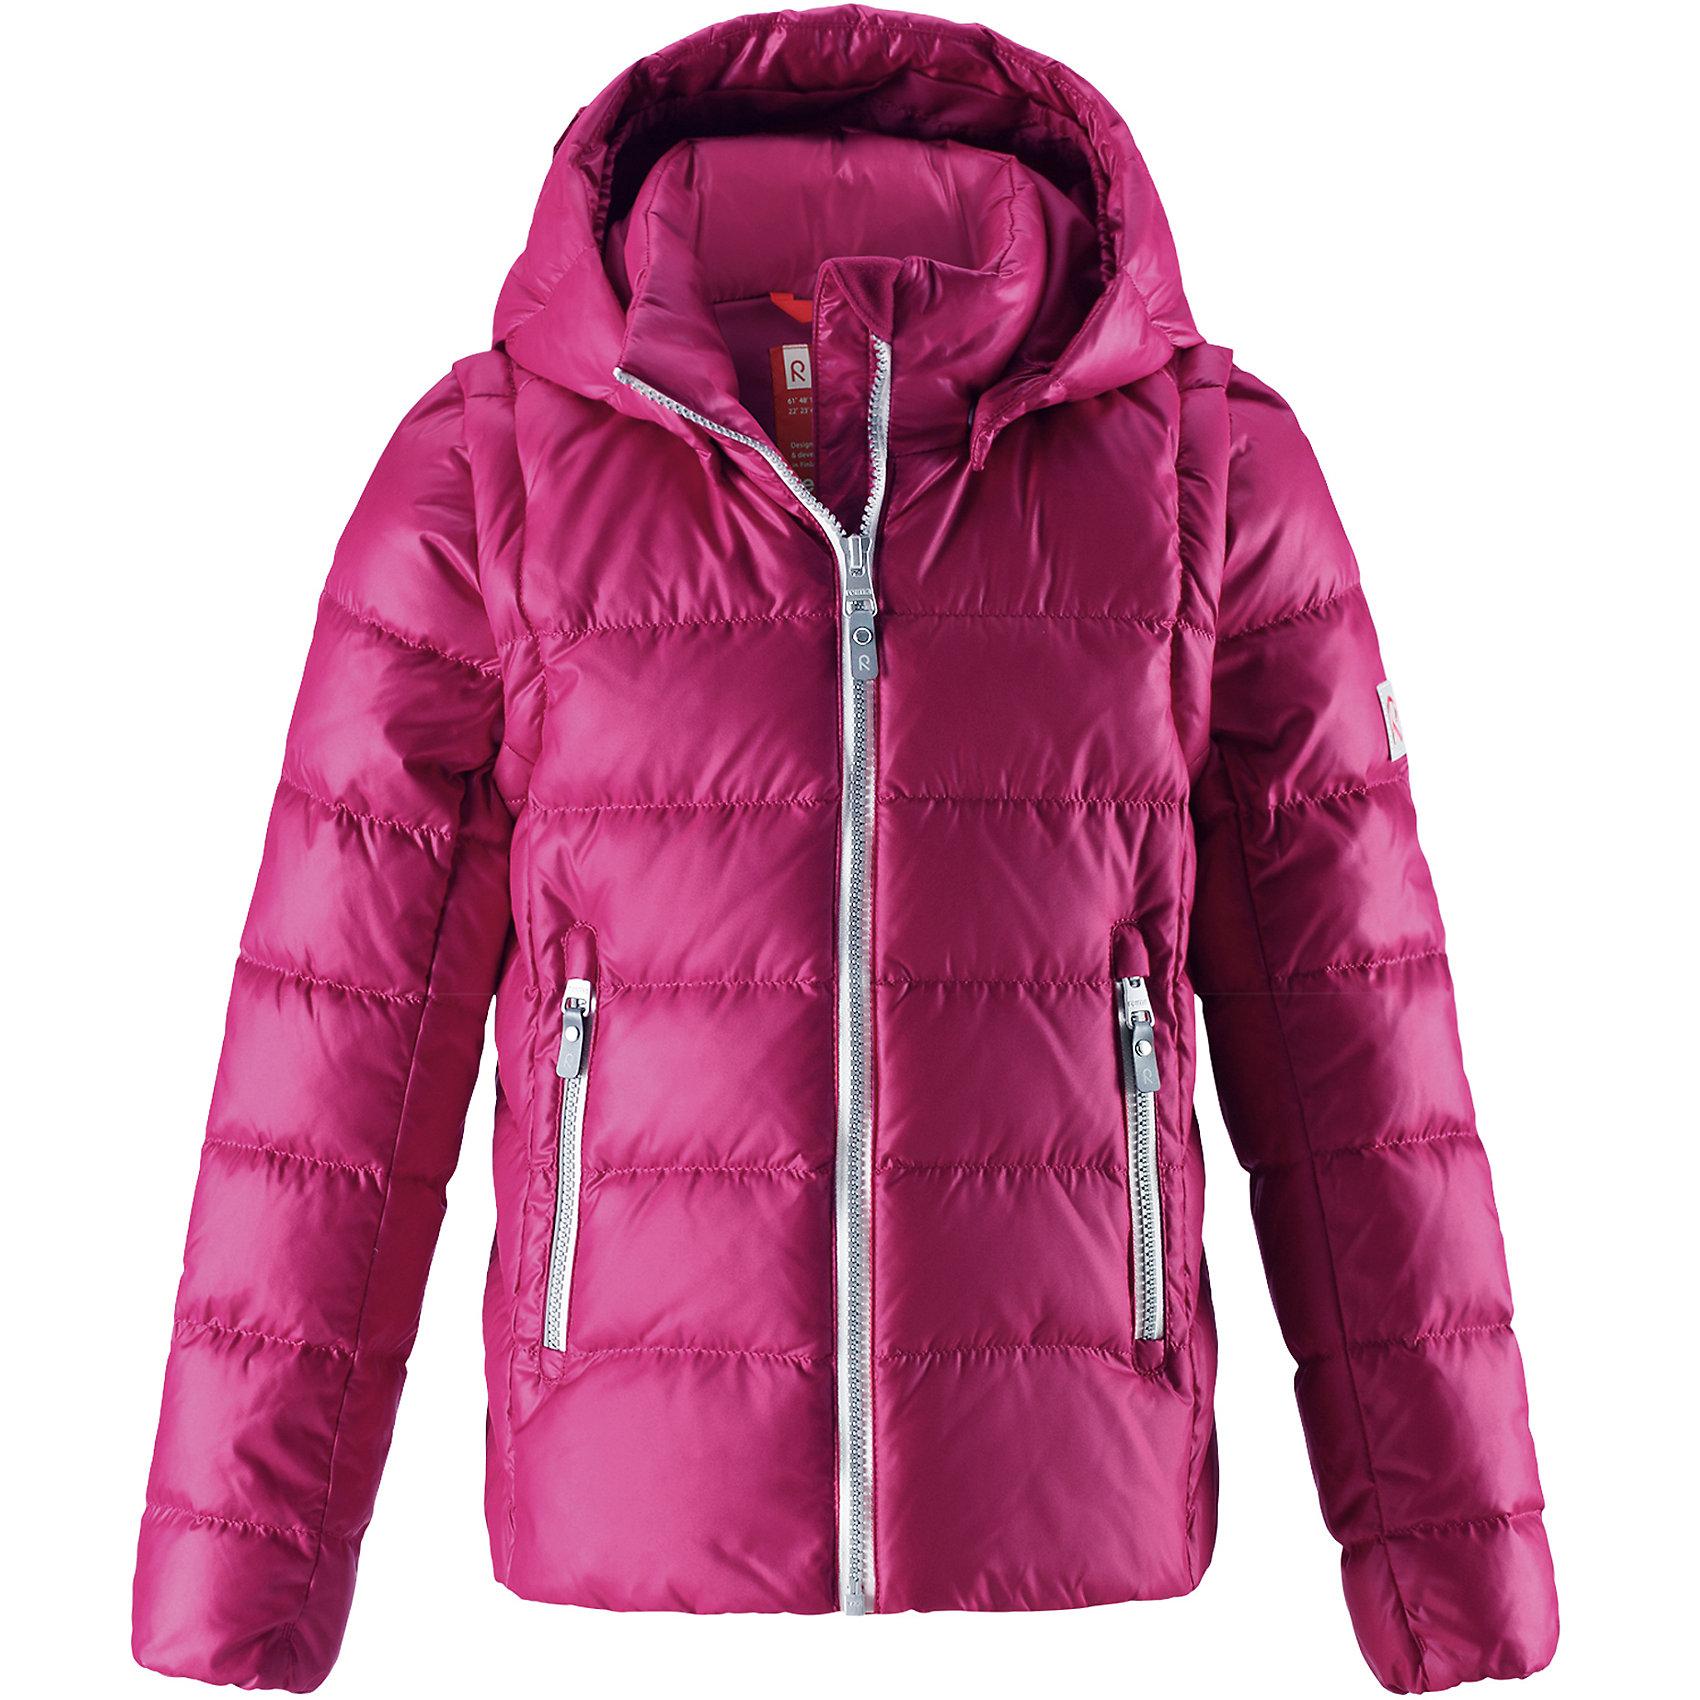 Куртка Reima Minna для девочкиОдежда<br>Характеристики товара:<br><br>• цвет: розовый;<br>• состав: 100% полиамид;<br>• подкладка: 100% полиэстер;<br>• утеплитель: 60% пух, 40% перо;<br>• сезон: зима;<br>• температурный режим: от 0 до -20С;<br>• воздухопроницаемость: 3000 мм;<br>• пуховая куртка для подростков;<br>• водоотталкивающий, ветронепроницаемый и дышащий материал;<br>• гладкая подкладка из полиэстера;<br>• безопасный, съемный капюшон;<br>• отстегивающиеся рукава на молнии;<br>• два боковых кармана;<br>• светоотражающие детали;<br>• страна бренда: Финляндия;<br>• страна изготовитель: Китай.<br><br>Очень легкая, но при этом теплая и практичная слегка удлиненная куртка для подростков в одно мгновение превращается в жилетку. Эта практичная куртка снабжена утеплителем пух/перо (60/40%). Куртку с гладкой подкладкой из полиэстера легко надевать и очень удобно носить. В теплую погоду стоит лишь отстегнуть рукава, и куртка превратится в жилетку. Наденьте ее с удобной кофтой, и у вас получится модный и стильный наряд. <br><br>А когда на улице похолодает, жилетку можно поддевать в качестве промежуточного слоя. Куртка оснащена съемным капюшоном, что обеспечивает дополнительную безопасность во время активных прогулок – капюшон легко отстегивается, если случайно за что-нибудь зацепится. Есть два кармана на молнии для мобильного телефона и других ценных мелочей. Эту модель для девочек довершают практичные детали: длинная молния высокого качества и светоотражающие элементы.<br><br>Куртку Minna для девочки Reima от финского бренда Reima (Рейма) можно купить в нашем интернет-магазине.<br><br>Ширина мм: 356<br>Глубина мм: 10<br>Высота мм: 245<br>Вес г: 519<br>Цвет: розовый<br>Возраст от месяцев: 36<br>Возраст до месяцев: 48<br>Пол: Женский<br>Возраст: Детский<br>Размер: 140,146,152,158,104,164,110,116,122,128,134<br>SKU: 6903028